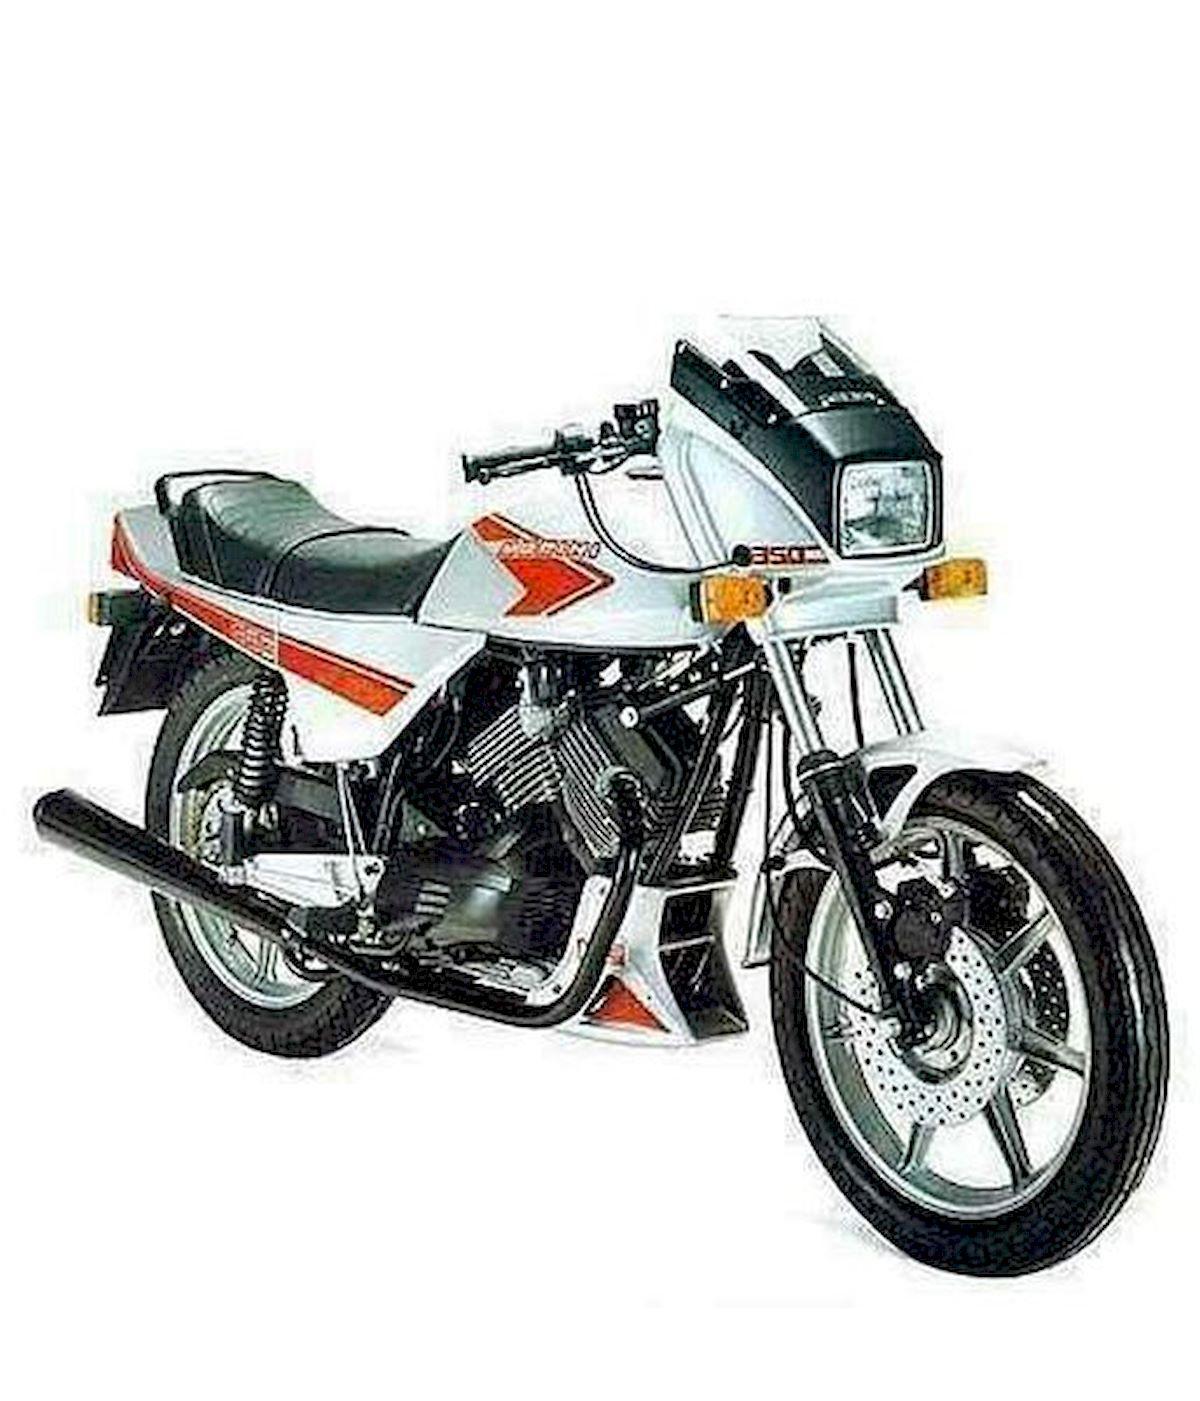 Image of MOTO MORINI 350 K 2